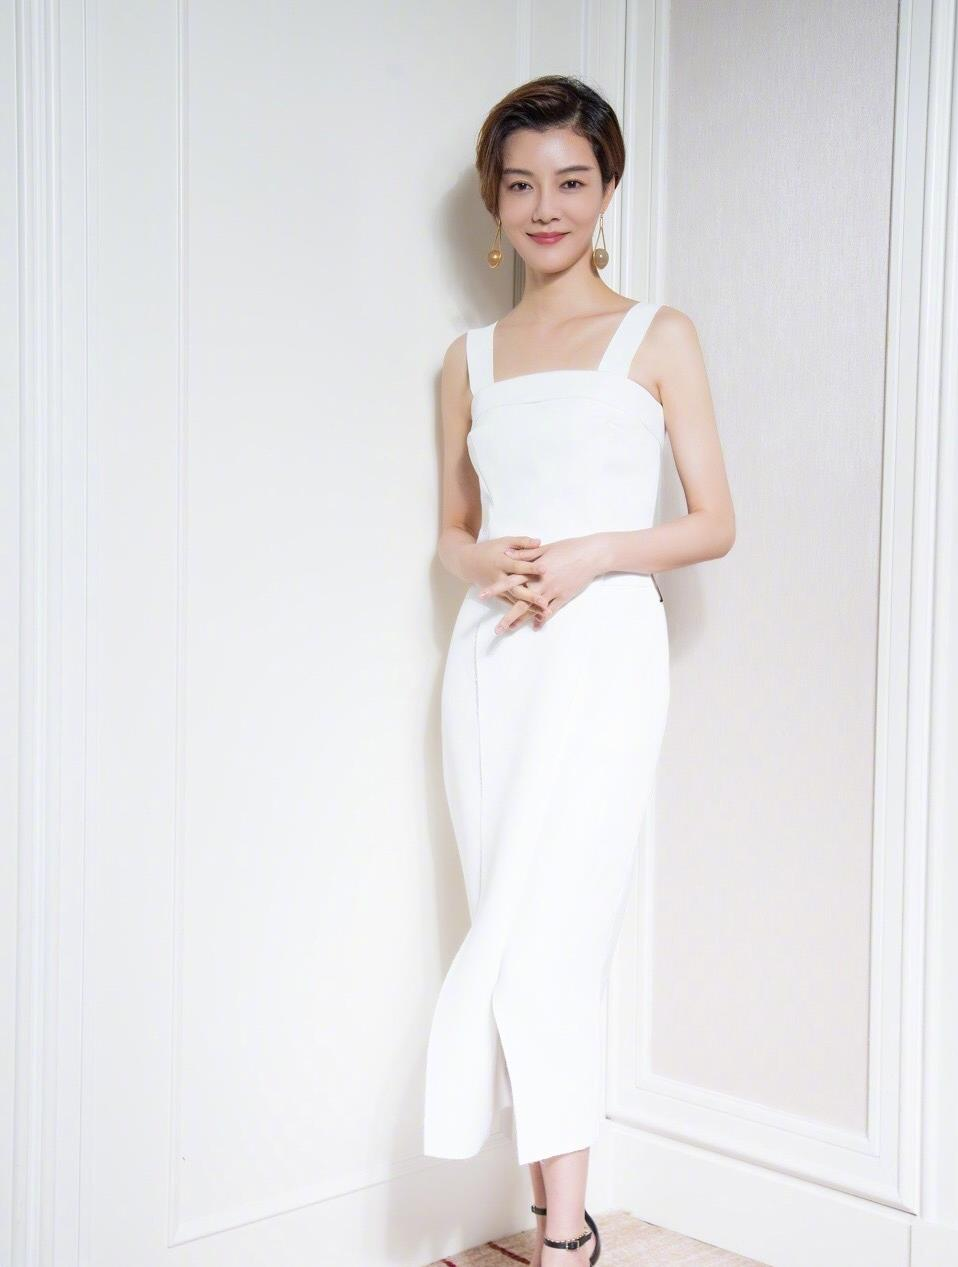 車曉氣質太出眾!白襯衫搭寶藍色半身裙顯優雅知性,穿出瞭高級感-圖7